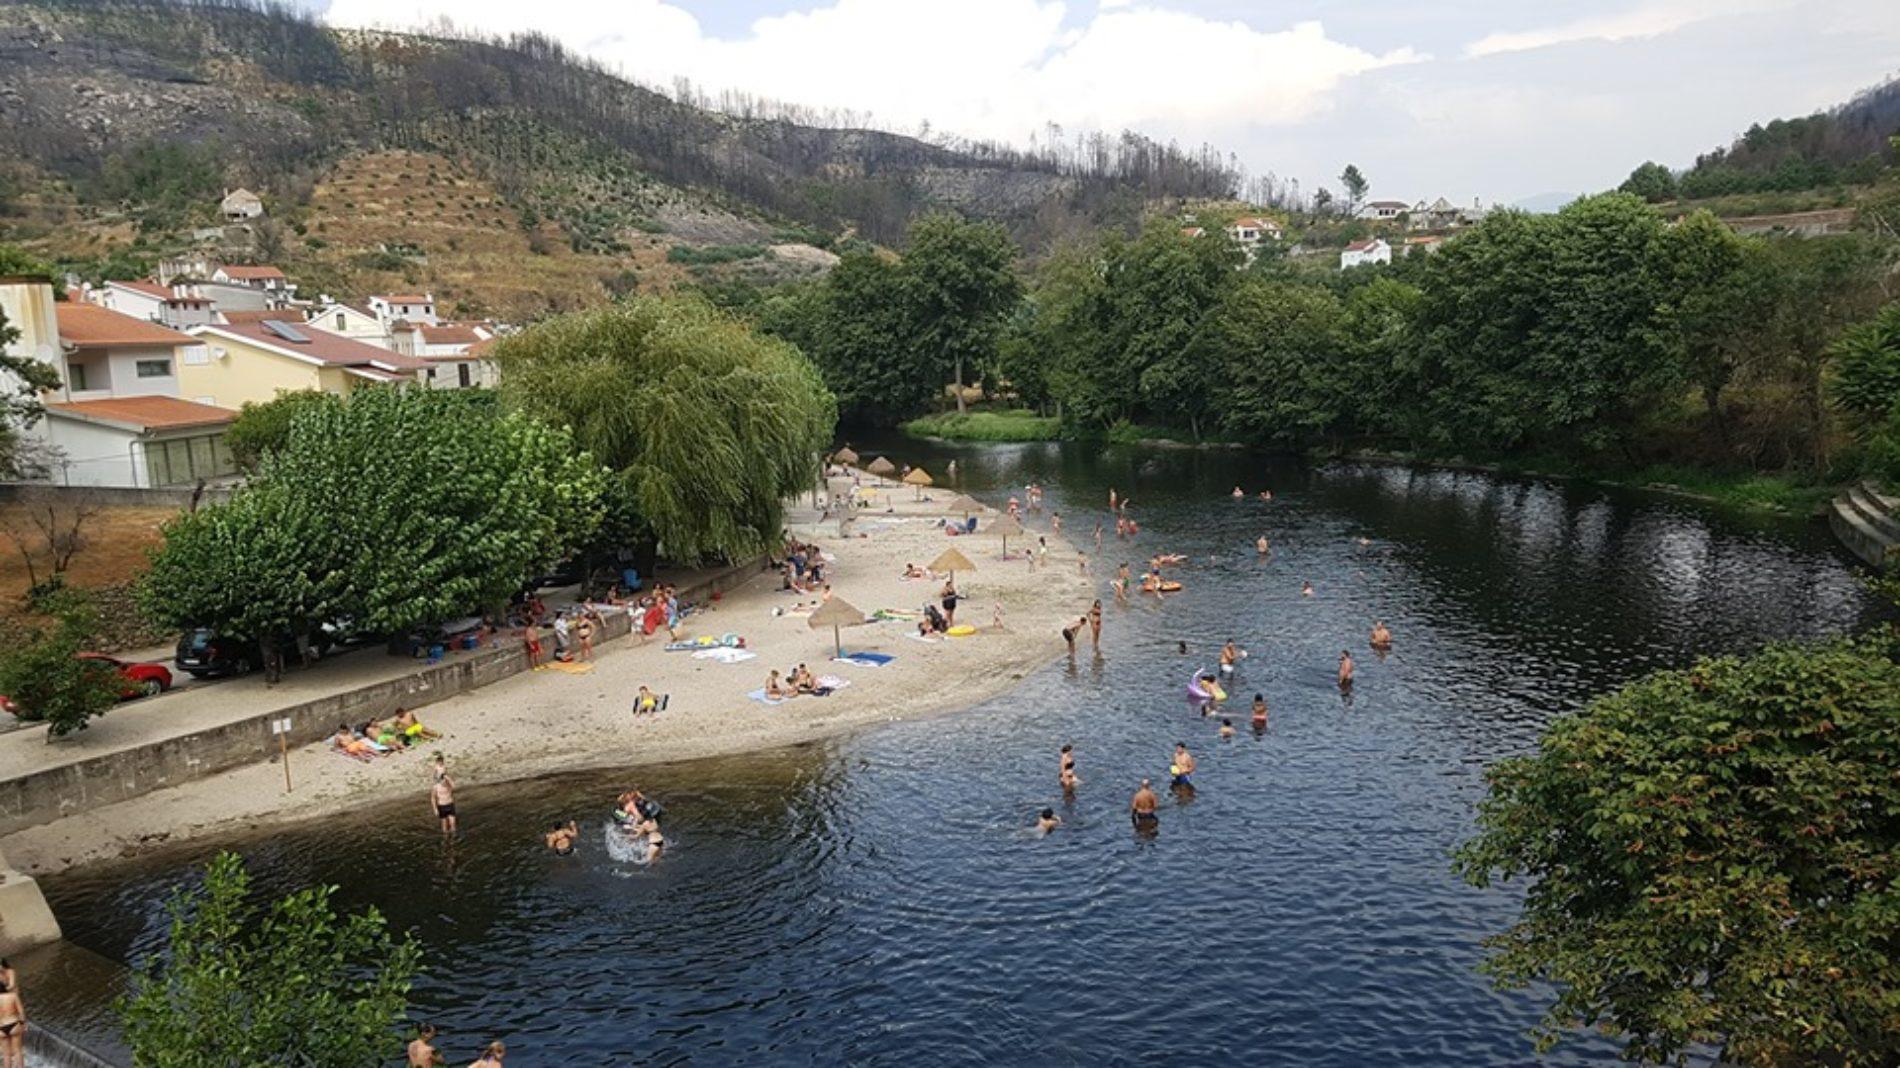 Nadador Salvador retirou homem em paragem cardiorrespiratória na praia de S. Sebastião da Feira